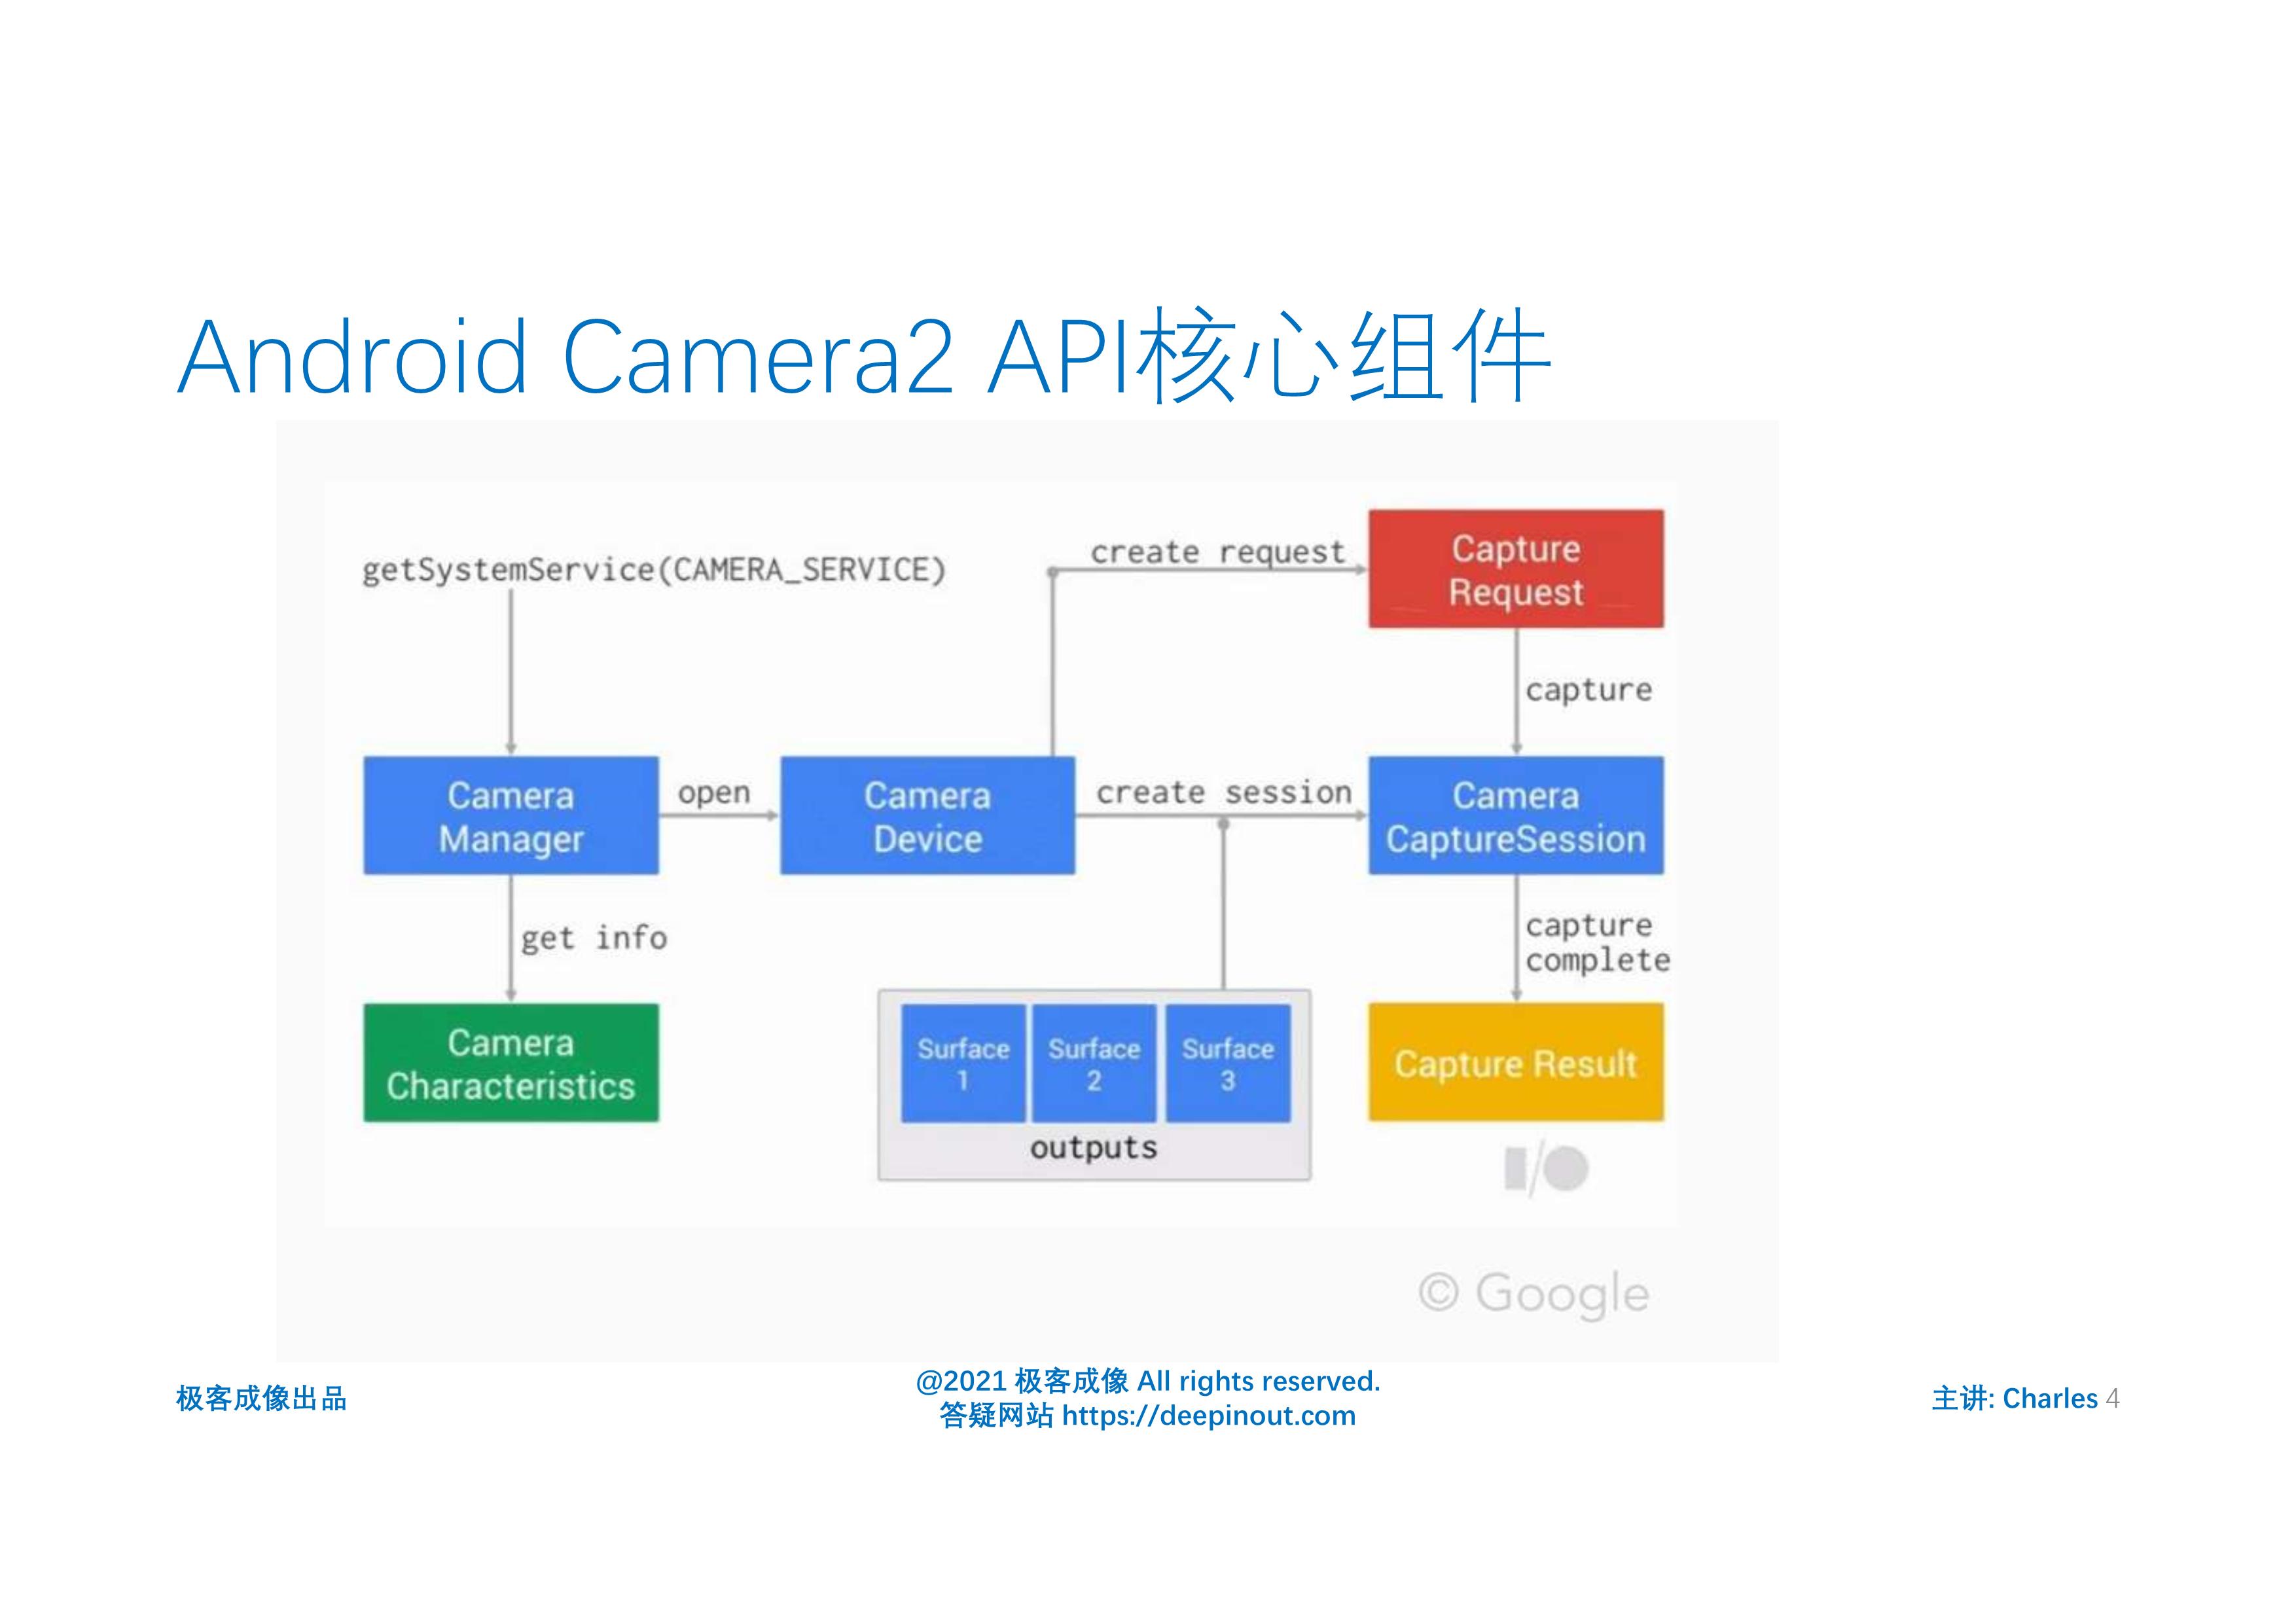 Android Camera2 API核心组件